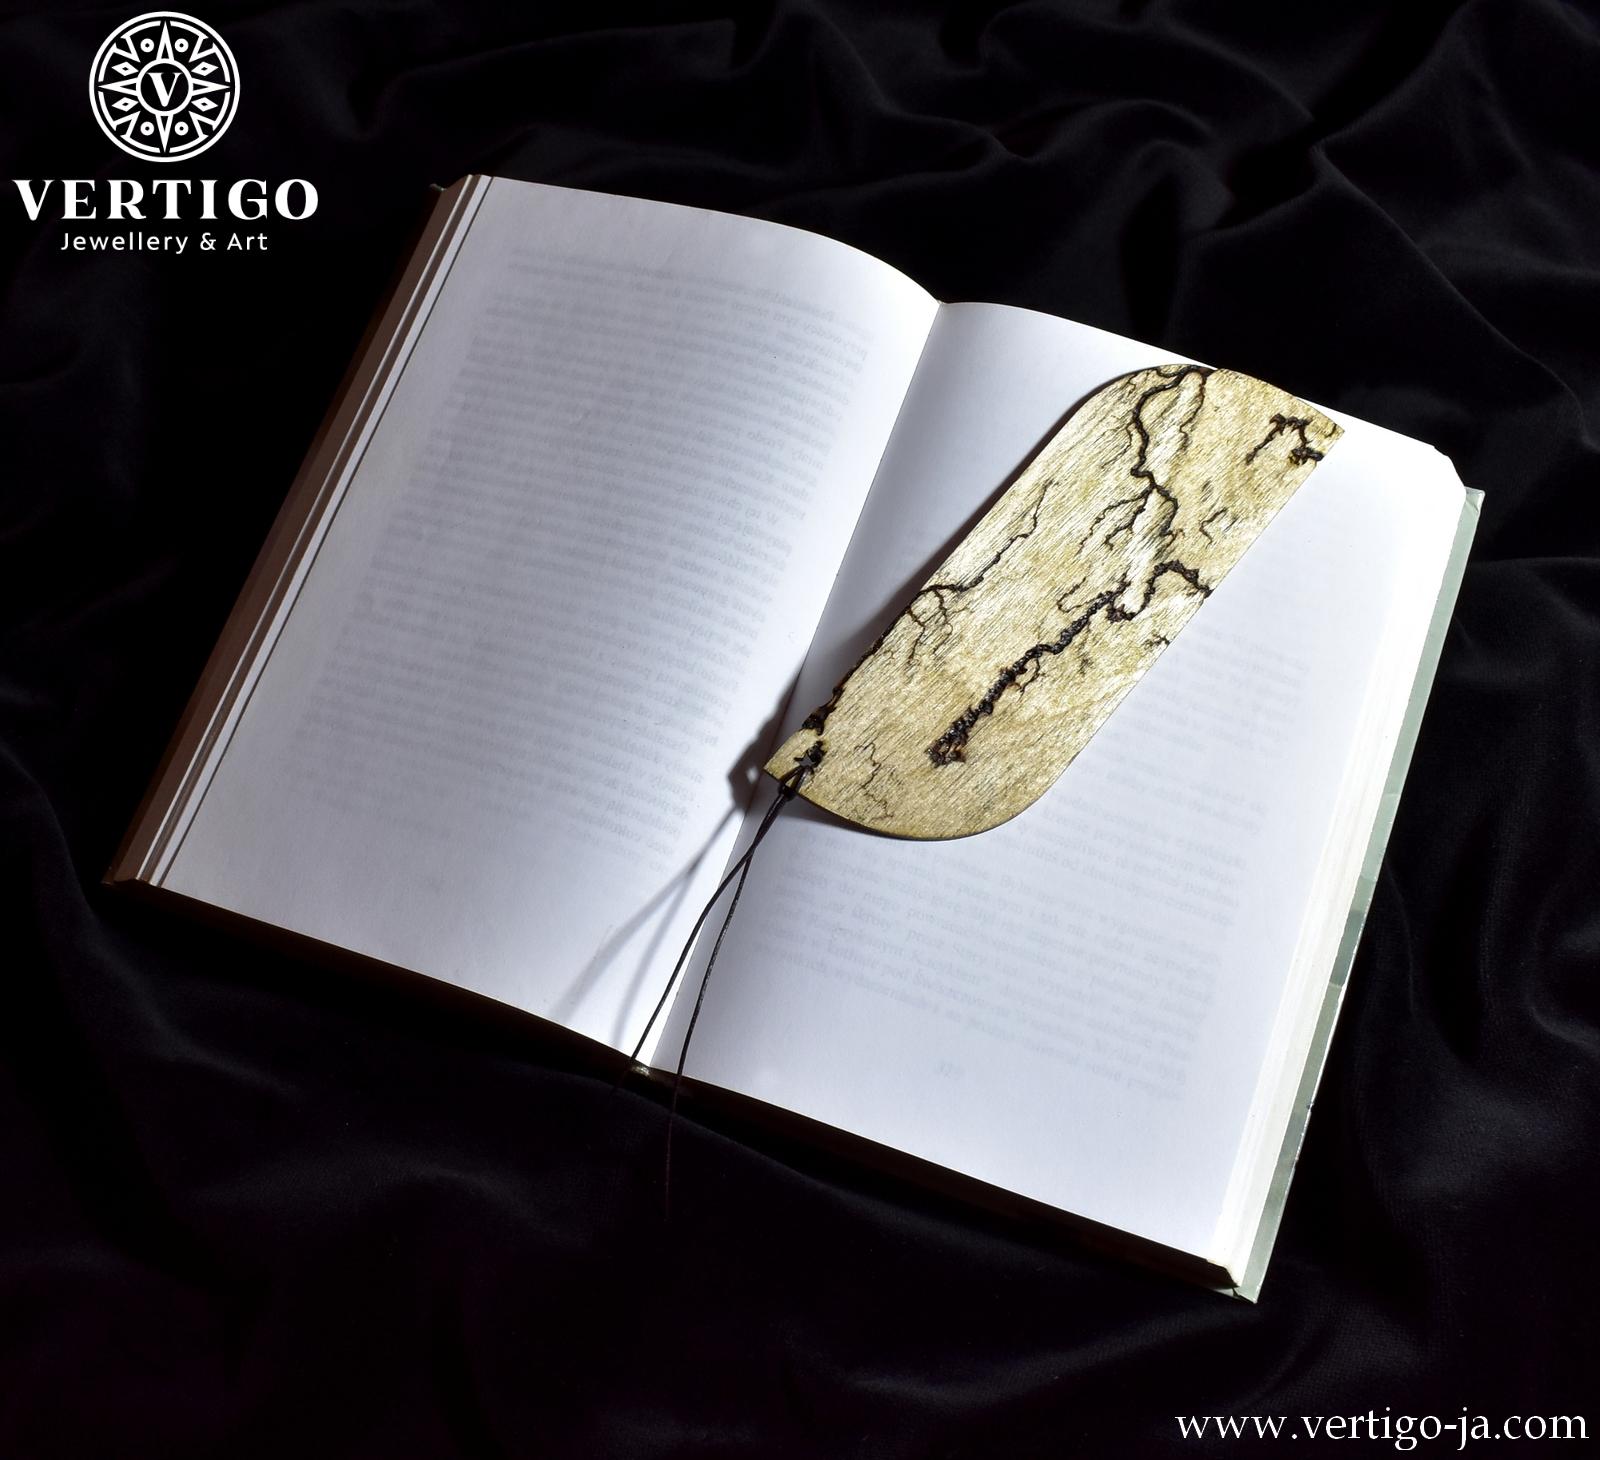 Tył drewnianej zakładki wypalanej metodą Lichtenberga - dwa zaokrąglone rogi. Ciemnobrązowy skórzany rzemyk jako wykończenie.